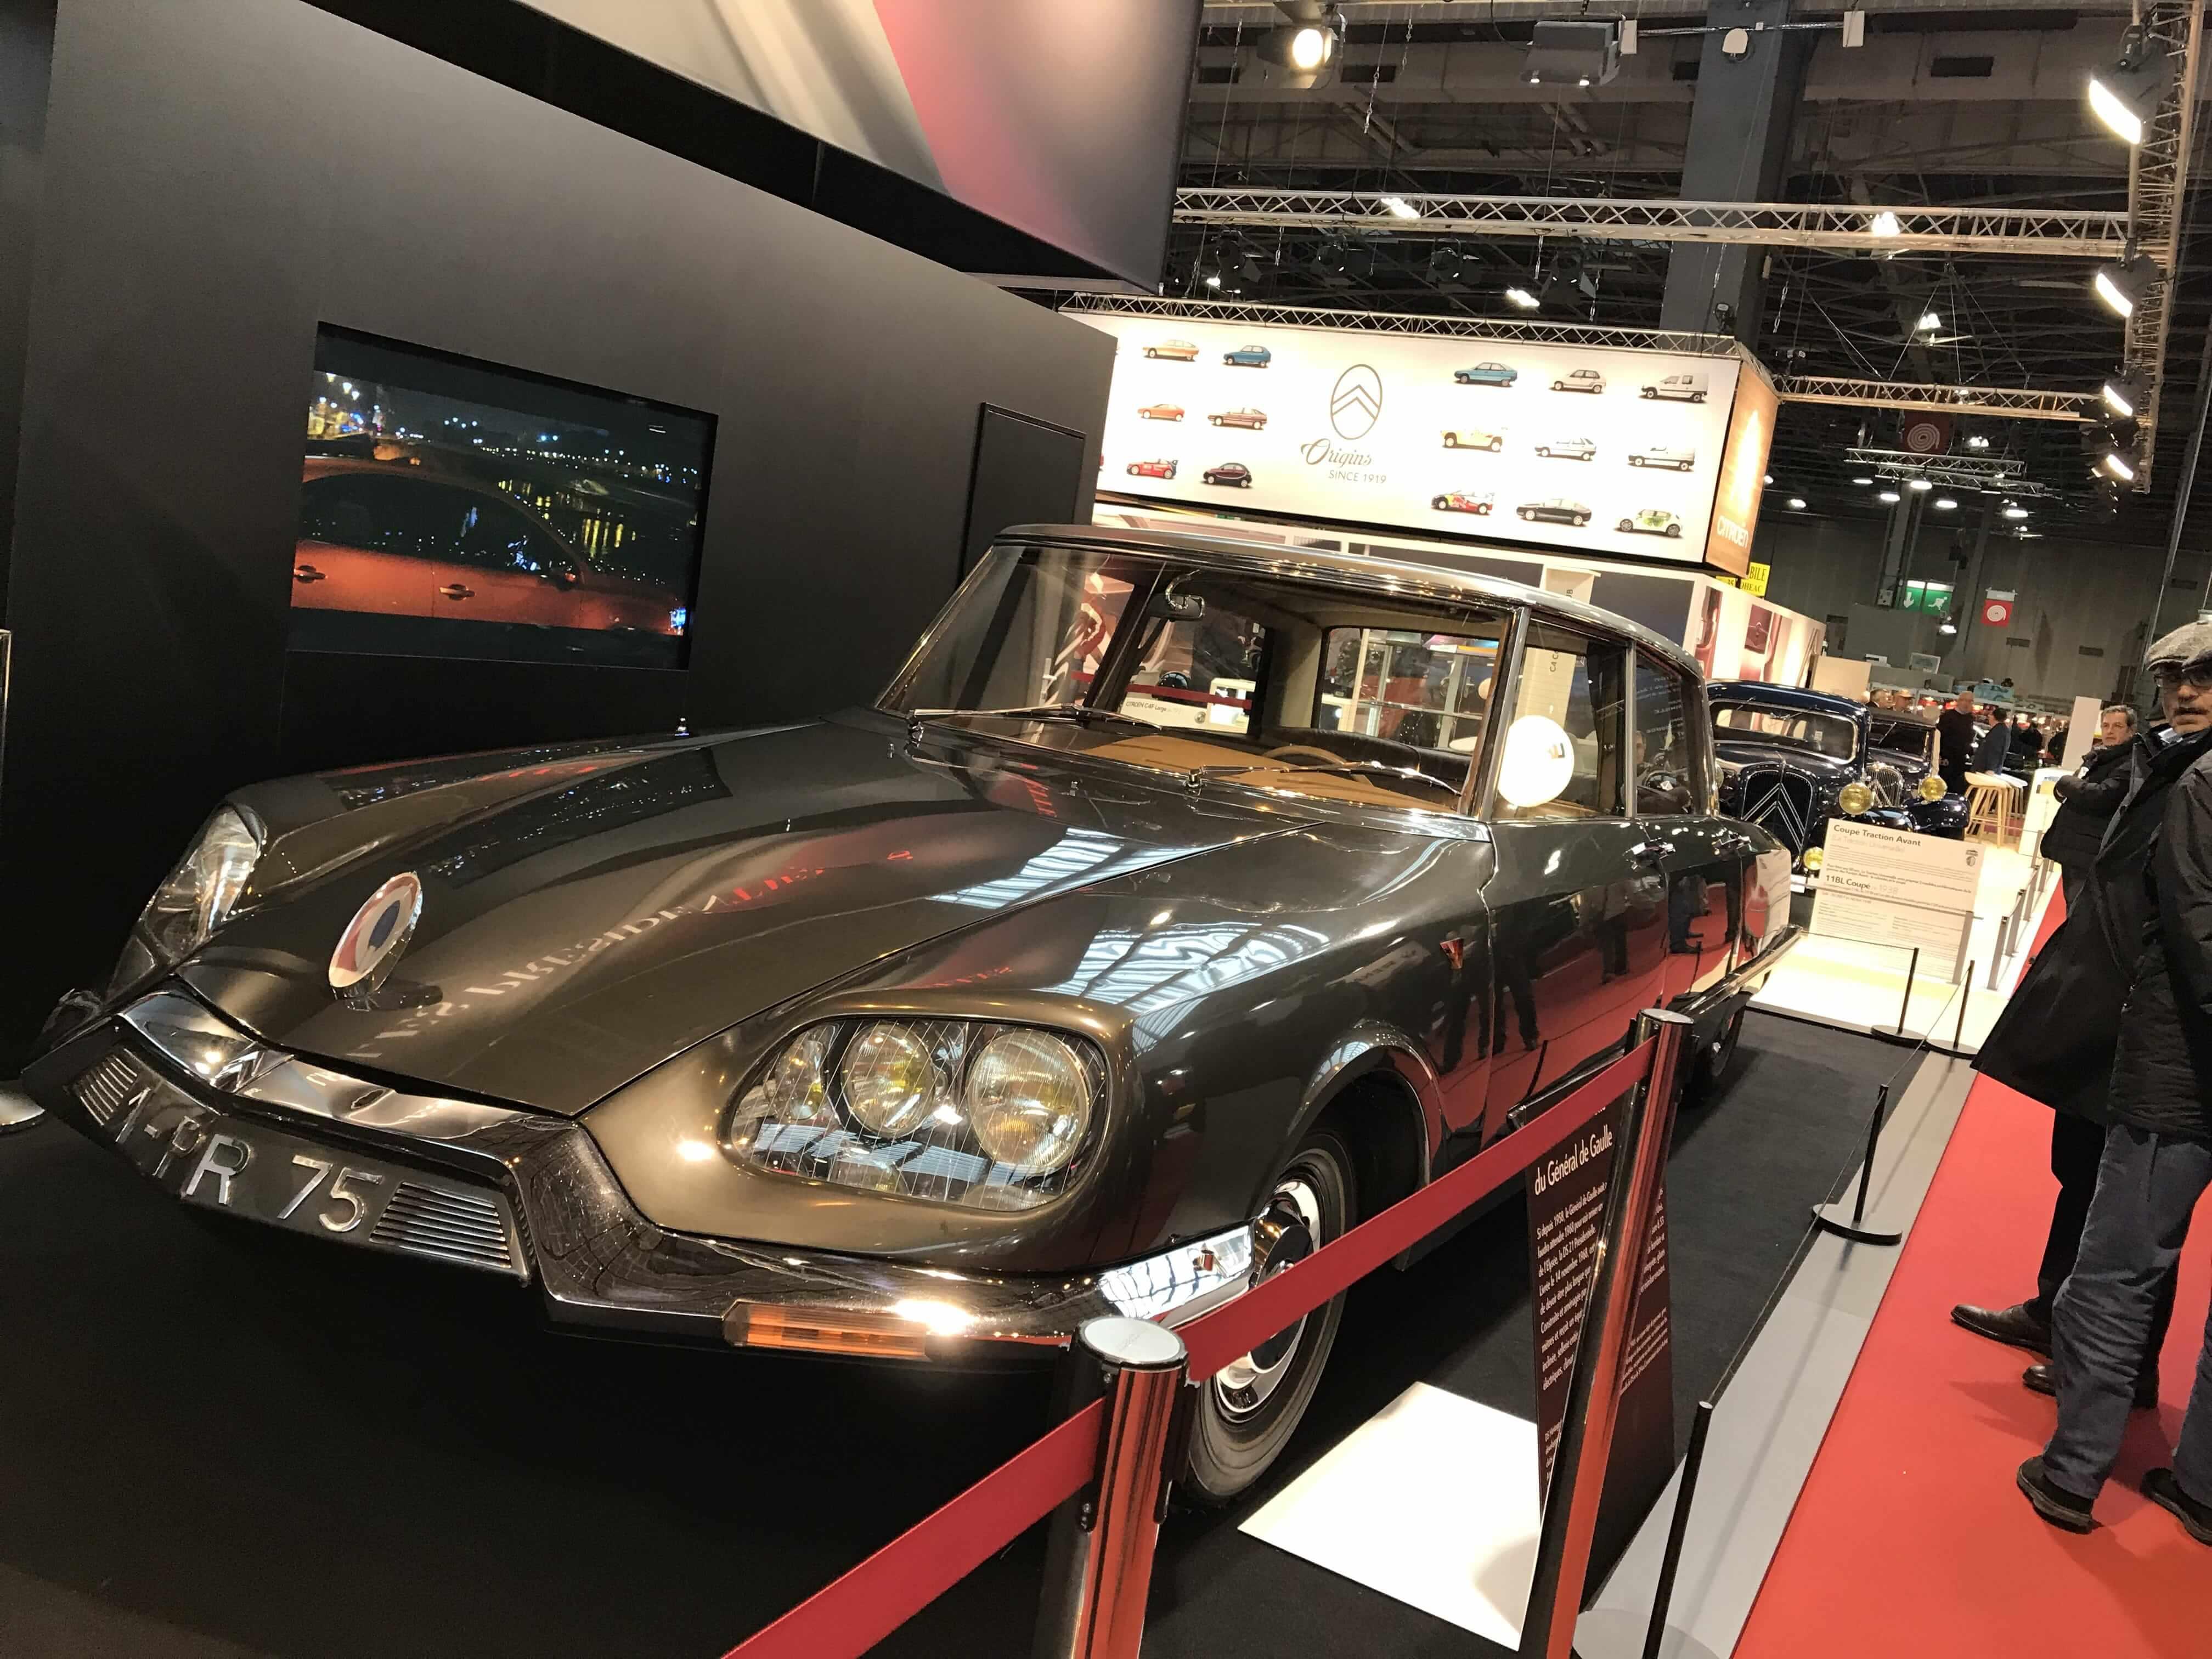 Retromobile 2018: Charles de Gaulle's Citroen Limousine